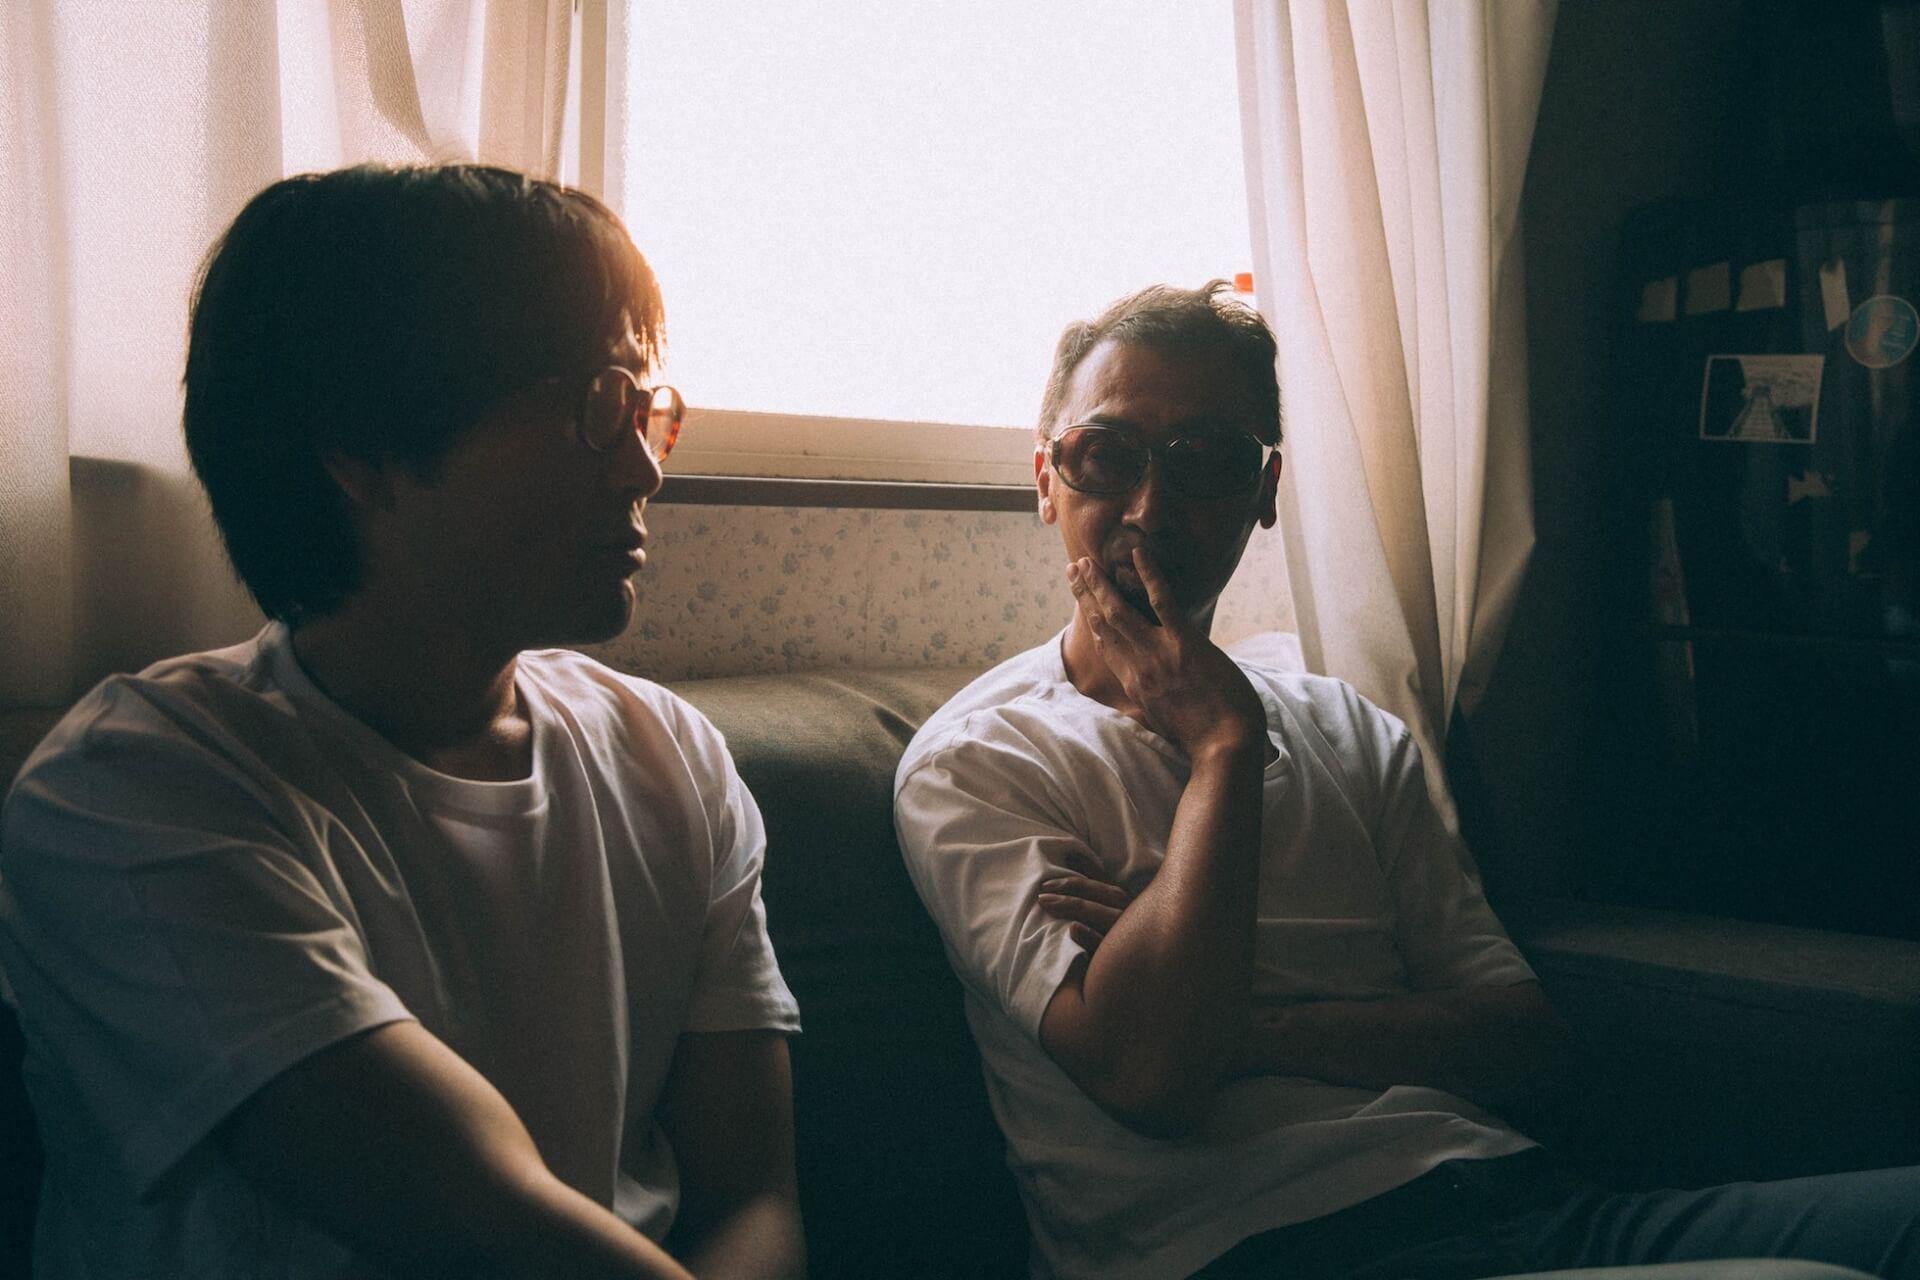 神谷亮佑×カンパニー松尾 対談|GEZAN映画『Tribe Called Discord』に存在する問いかけについて interview-gezan-film-8